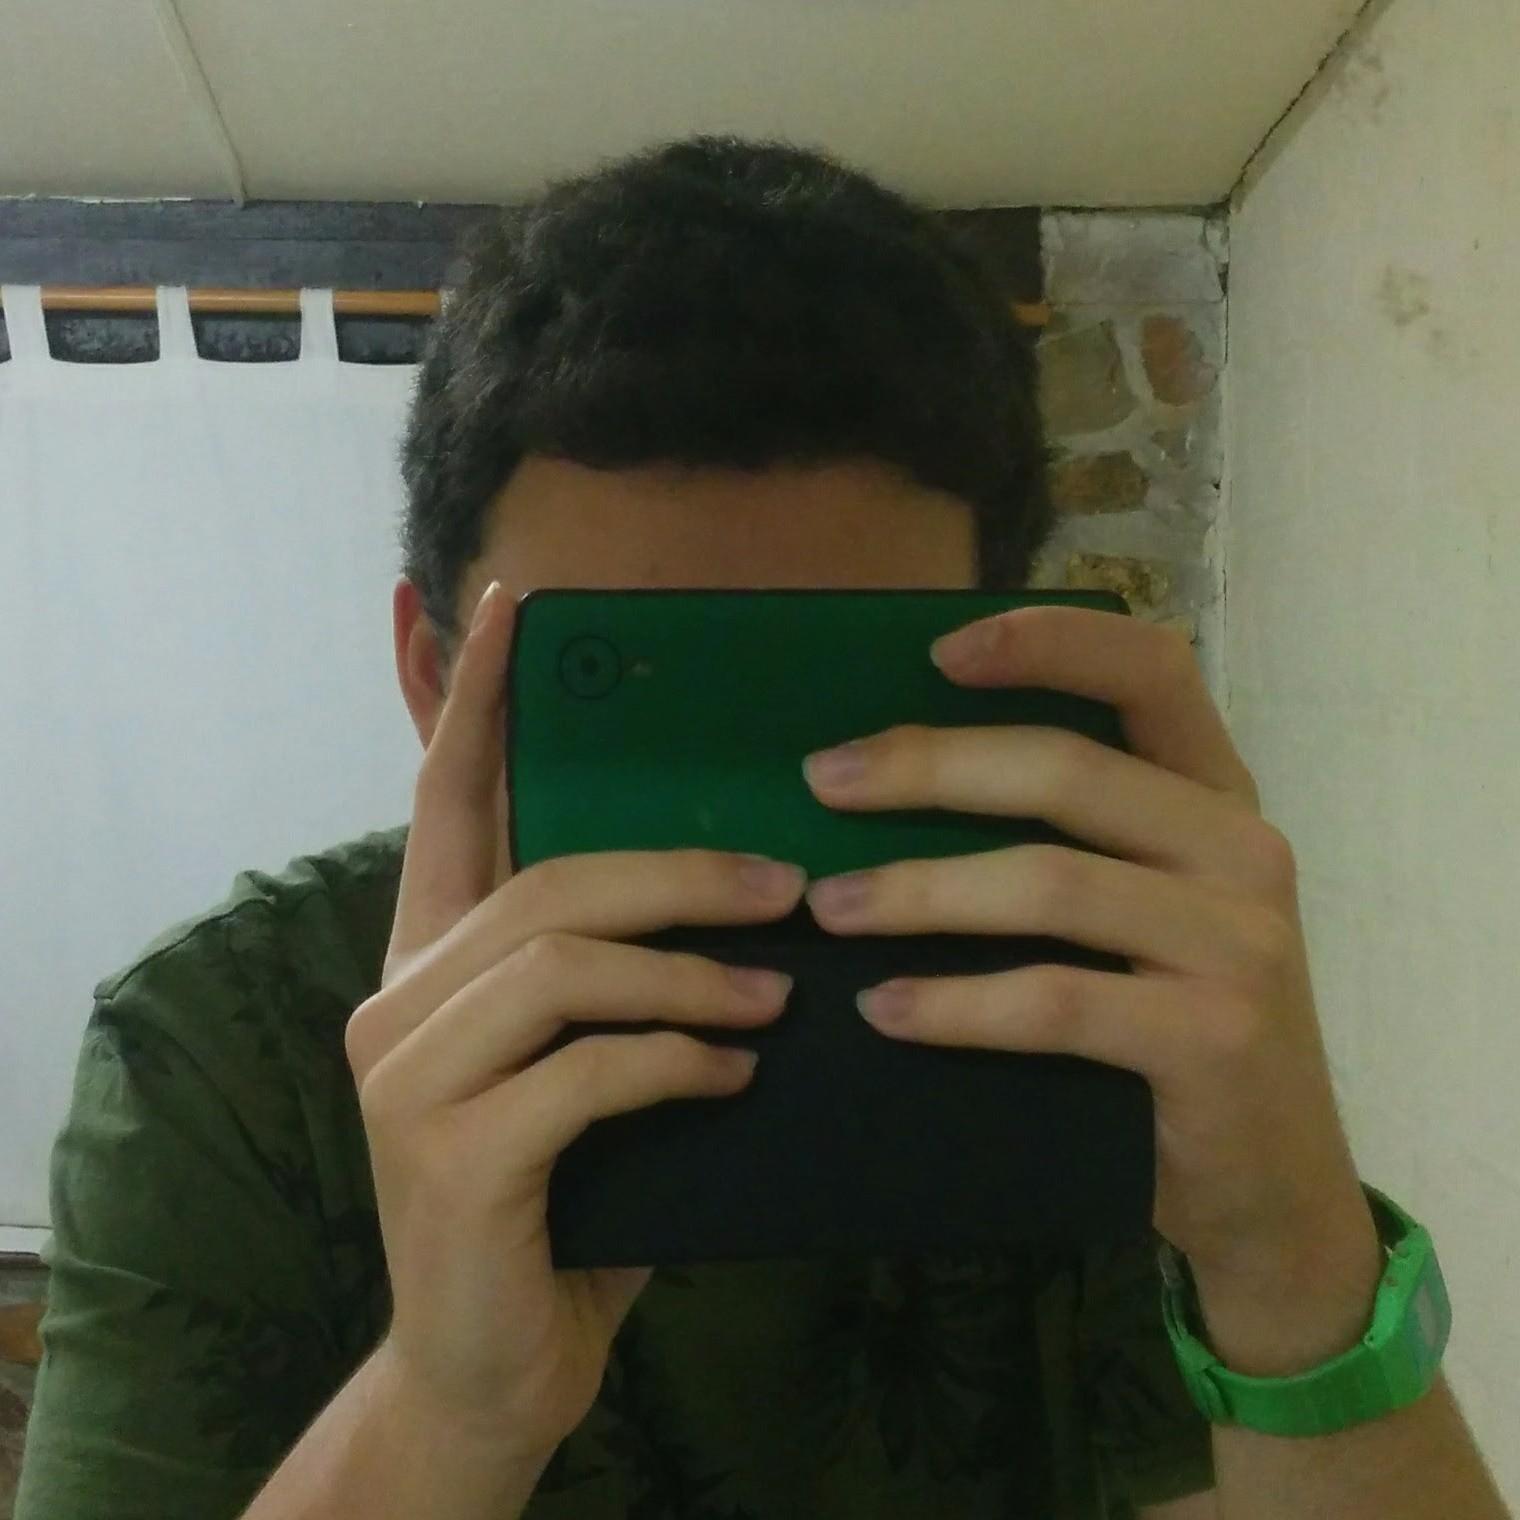 Dp4rkyk1t7asq2xmyzfr_mirror%202016%20sq